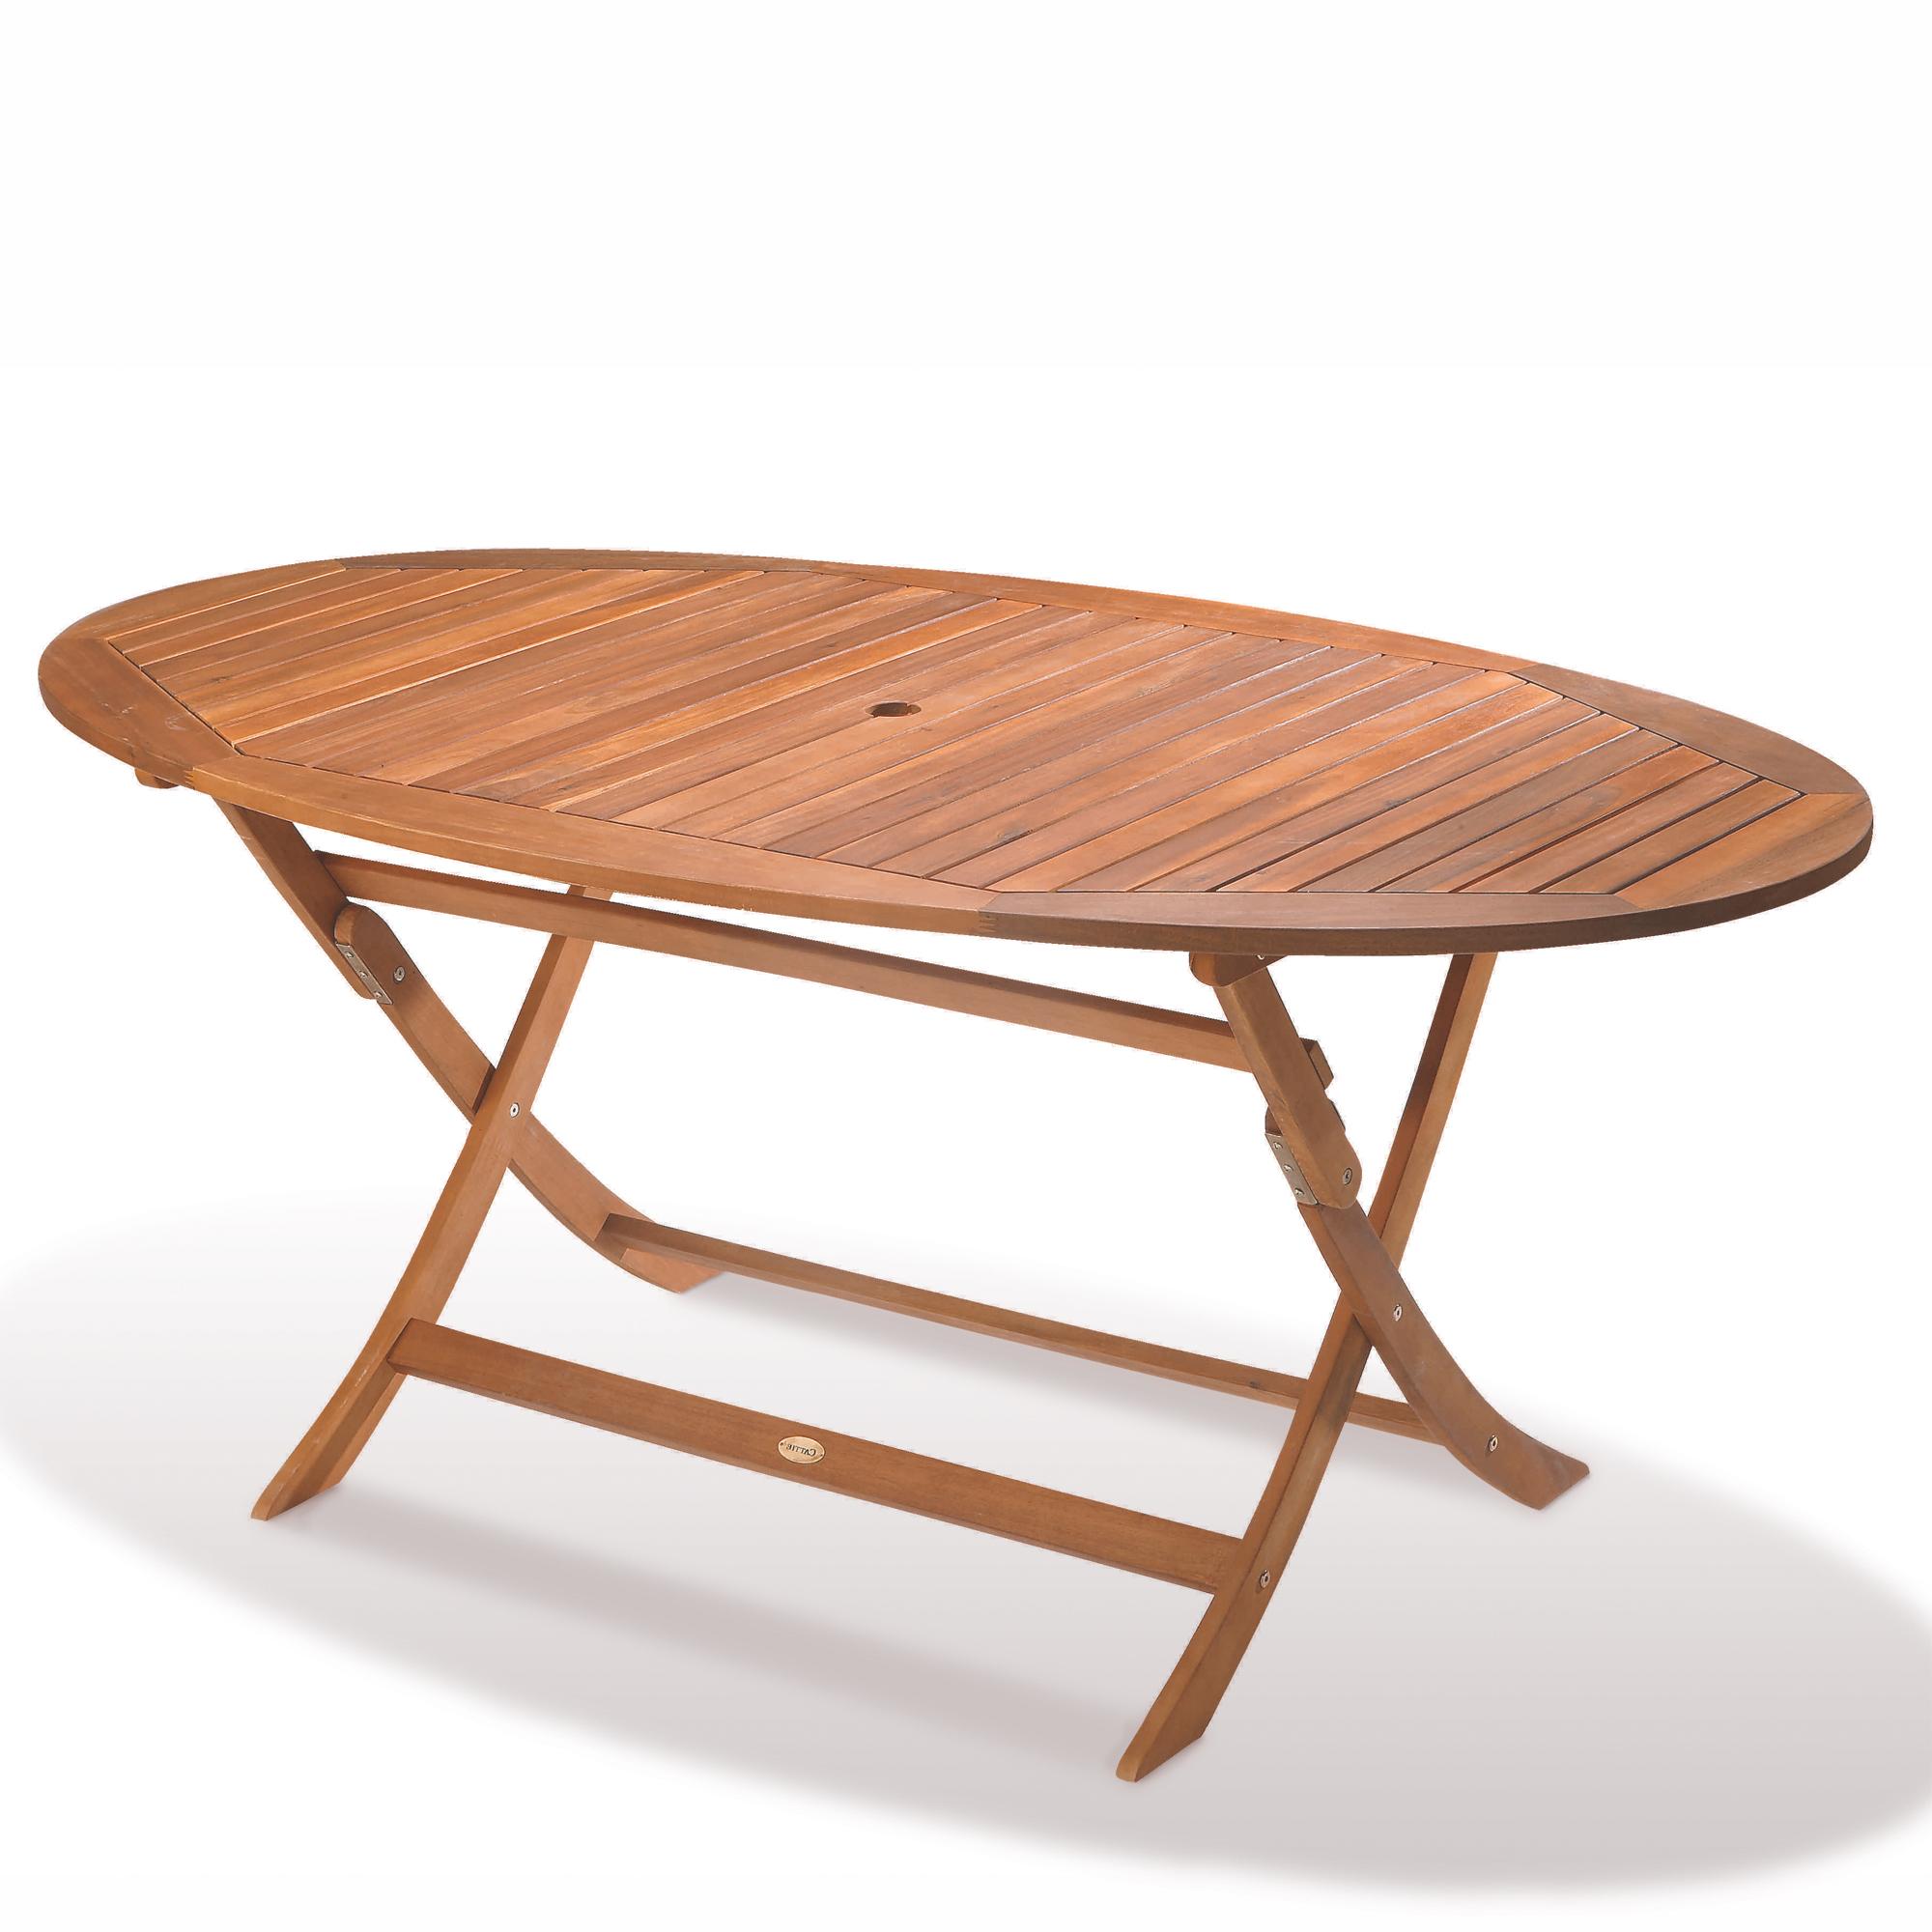 table ovale eucalyptus sydney anniversaire 40 ans acheter ce produit au meilleur prix. Black Bedroom Furniture Sets. Home Design Ideas